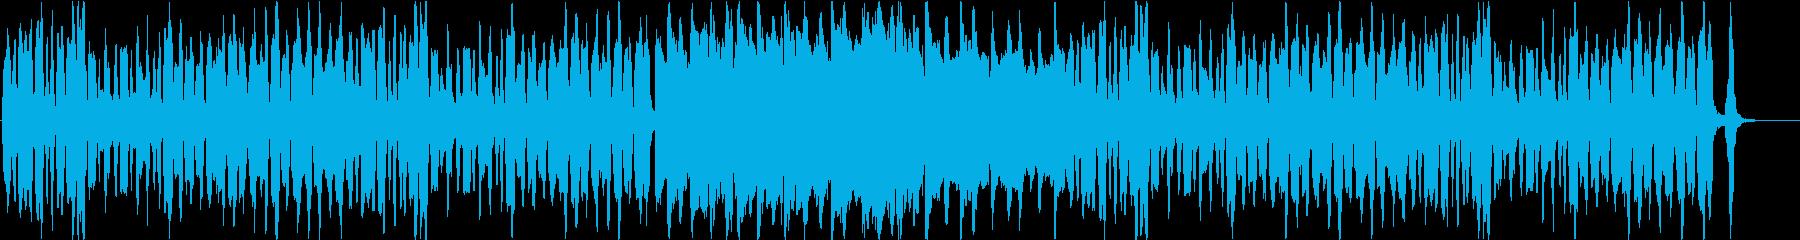 ノリ良いピアノとピッコロのかわいいBGMの再生済みの波形